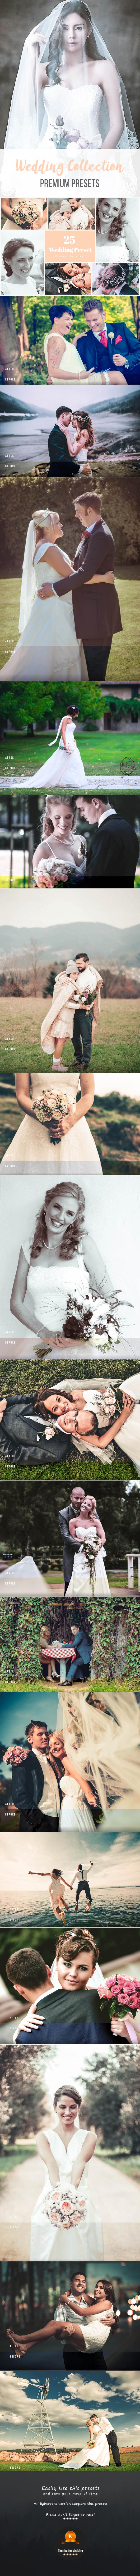 Wedding Lighroom Presets - Wedding Lightroom Presets